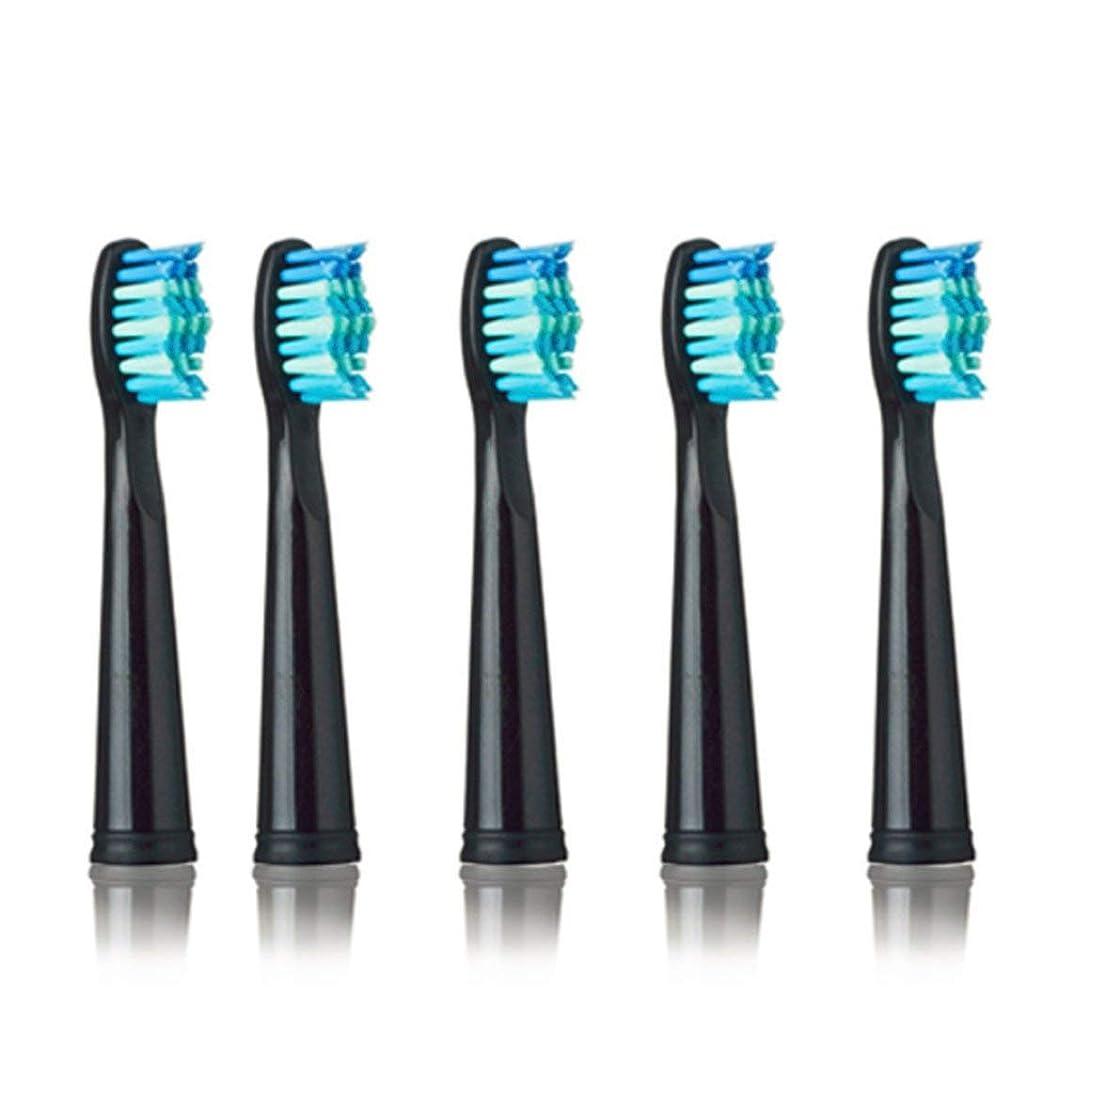 セッティング修士号インレイSEAGO 949/507/610/659用電動歯ブラシヘッド抗菌自動歯ブラシヘッド電動歯ブラシ - ブラック